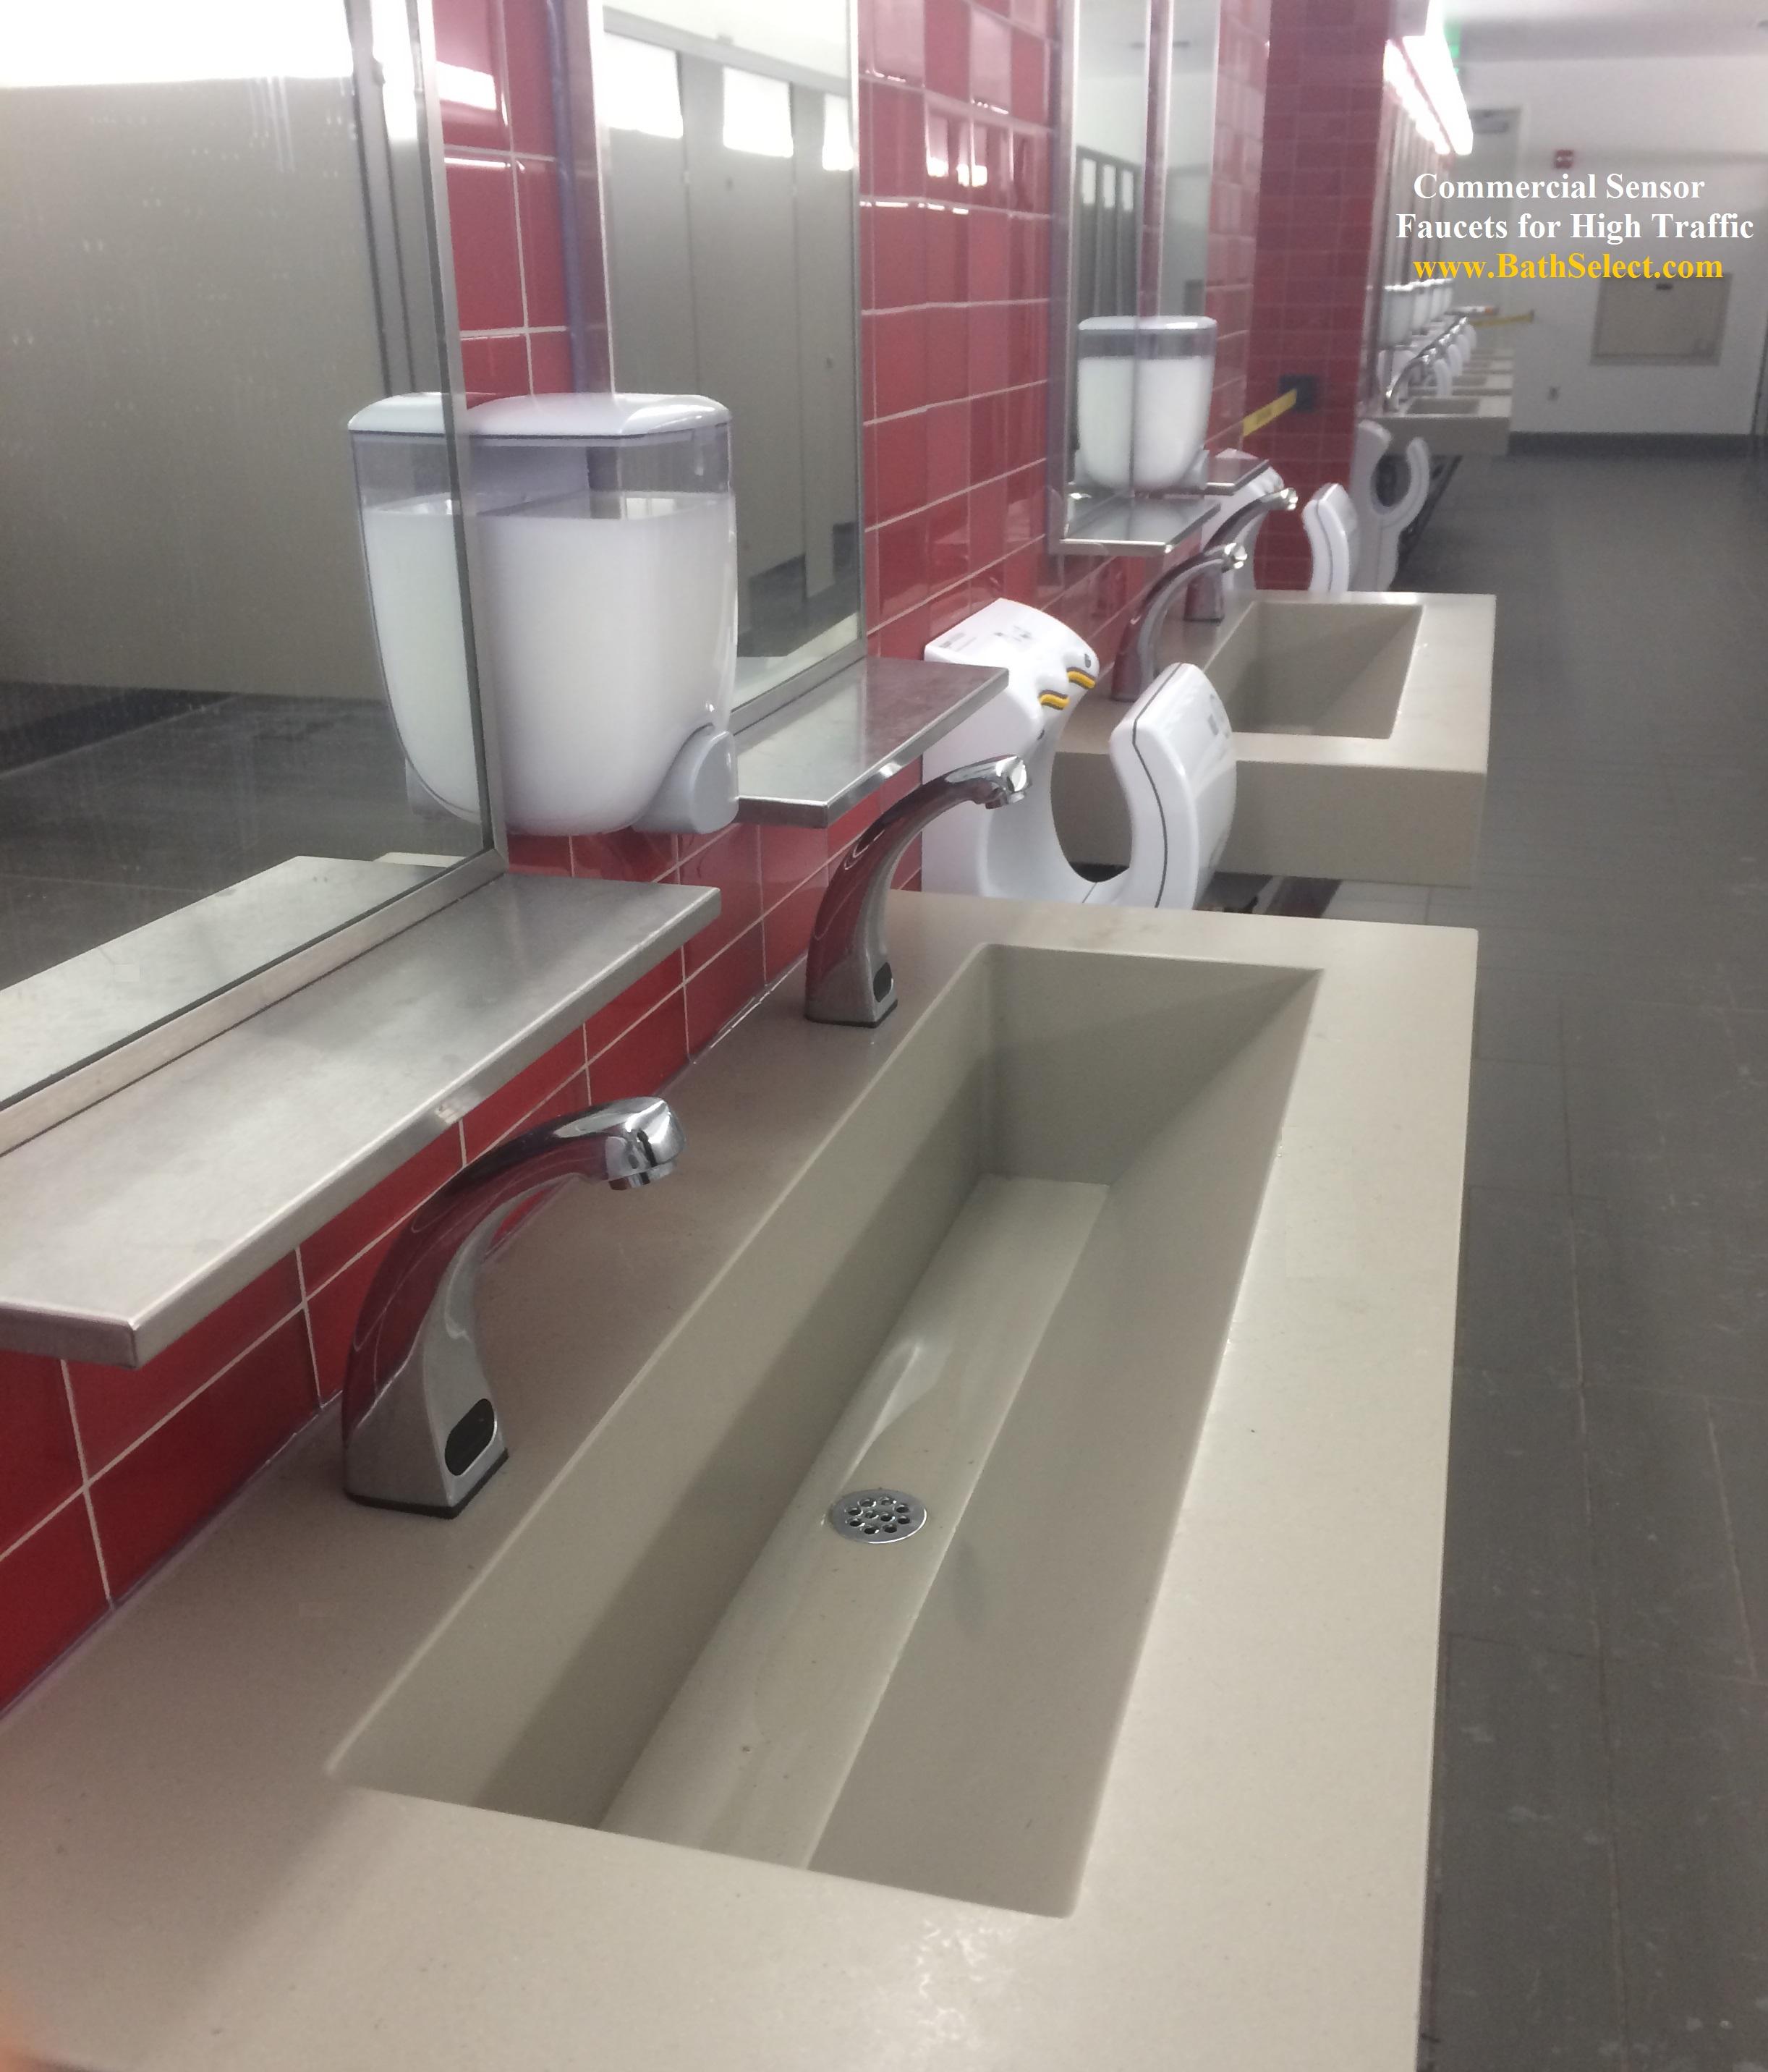 Ada Bathroom Fixture Requirements ada commercial sensor faucets | residential motion sensor faucets